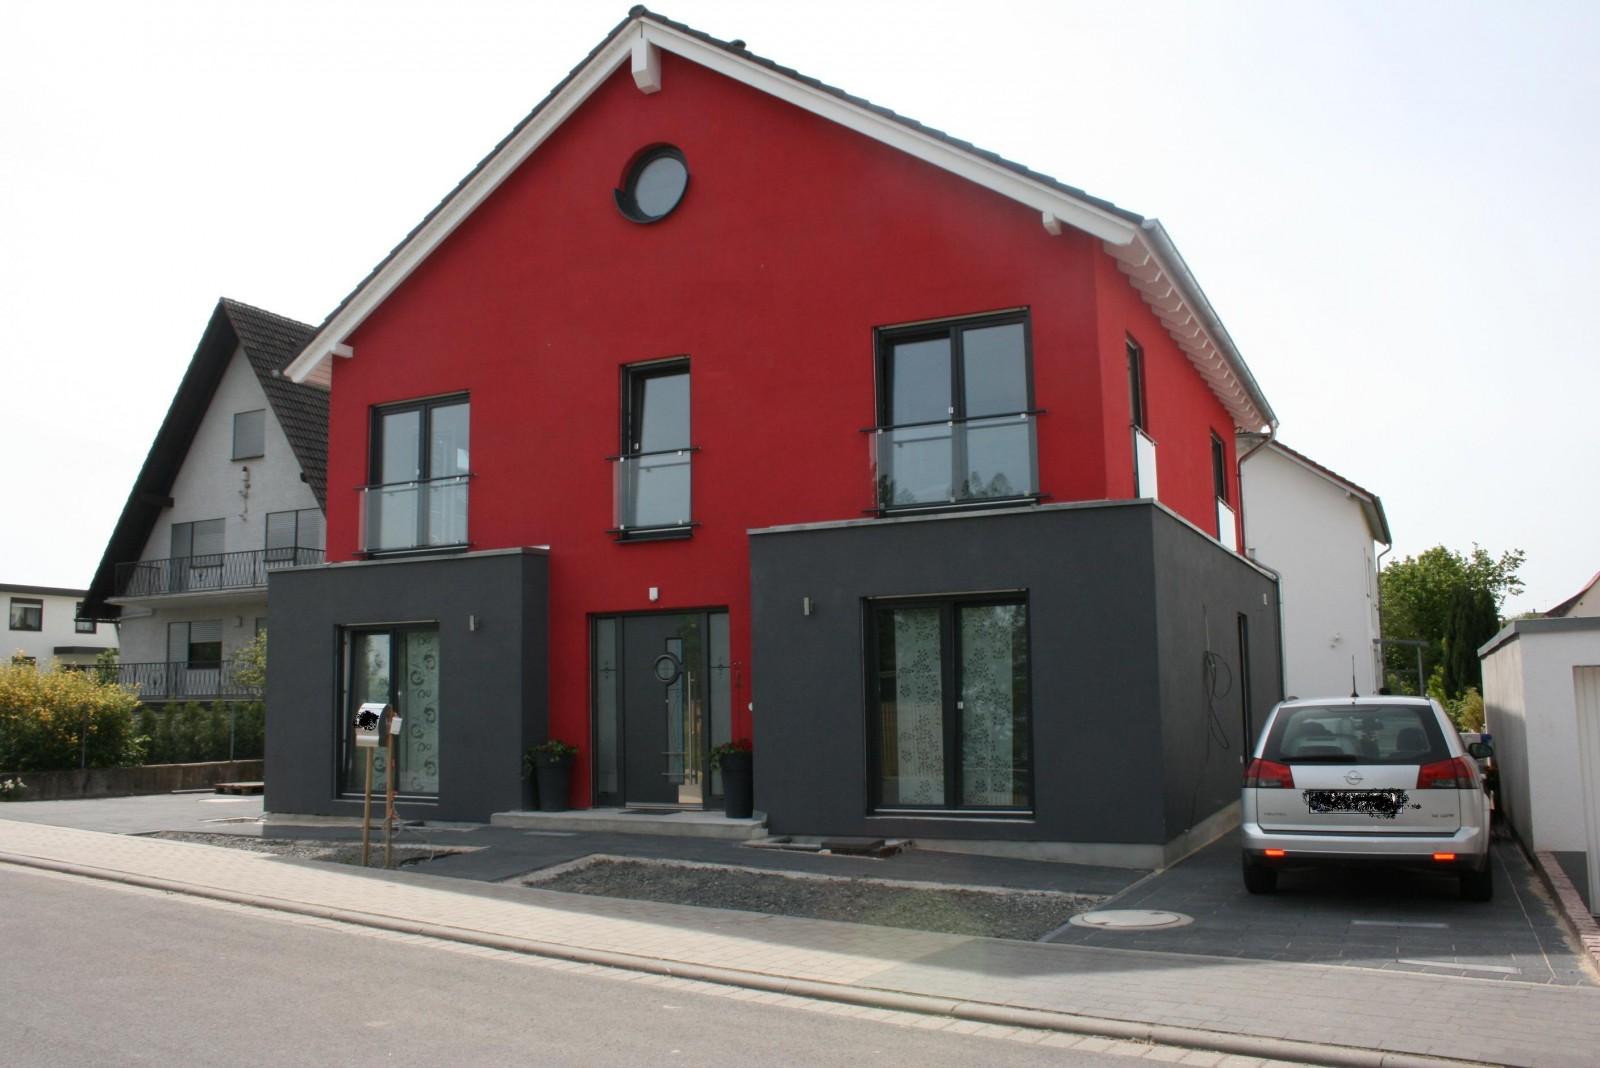 hausfassade au enansichten 39 haus aussen 39 die rote stadtvilla zimmerschau. Black Bedroom Furniture Sets. Home Design Ideas